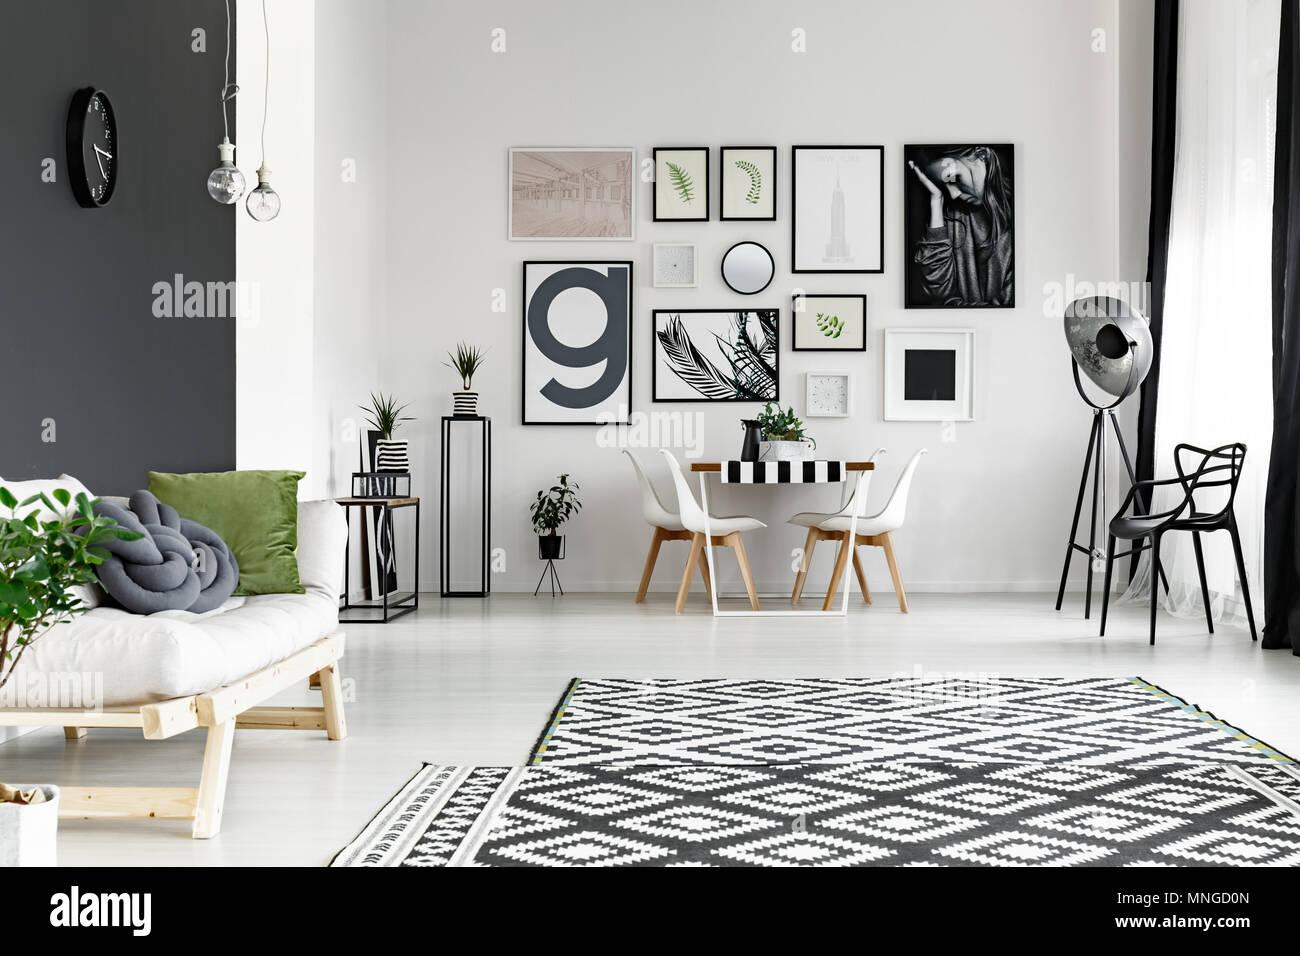 Pareti Con Foto In Bianco E Nero : In bianco e nero alle pareti in uno spazioso soggiorno con tavolo